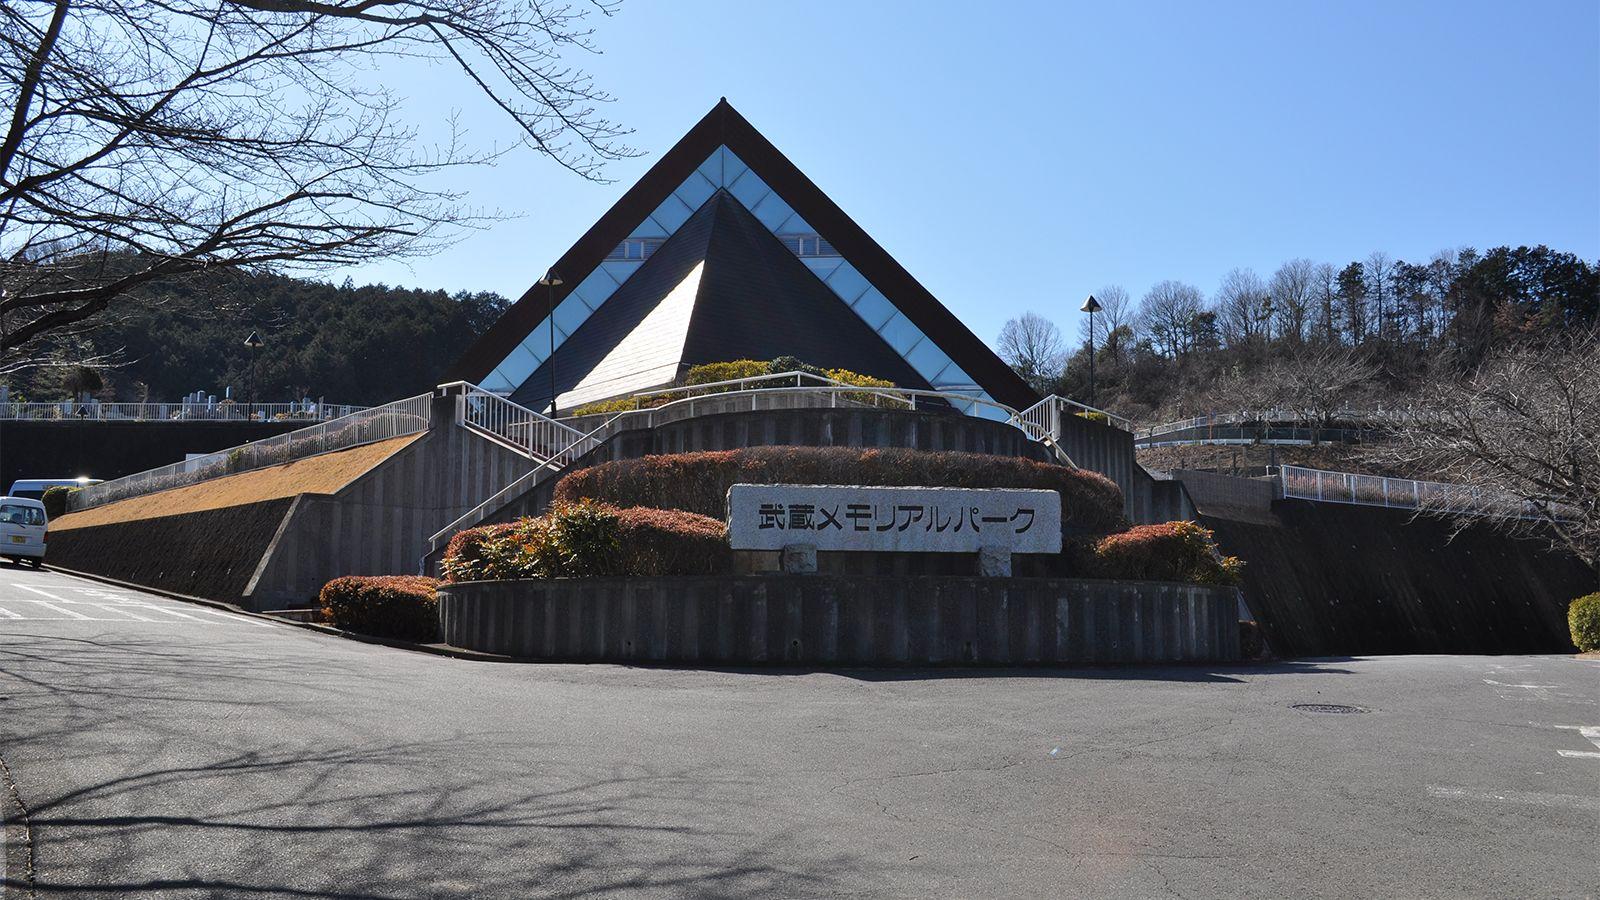 武蔵メモリアルパーク